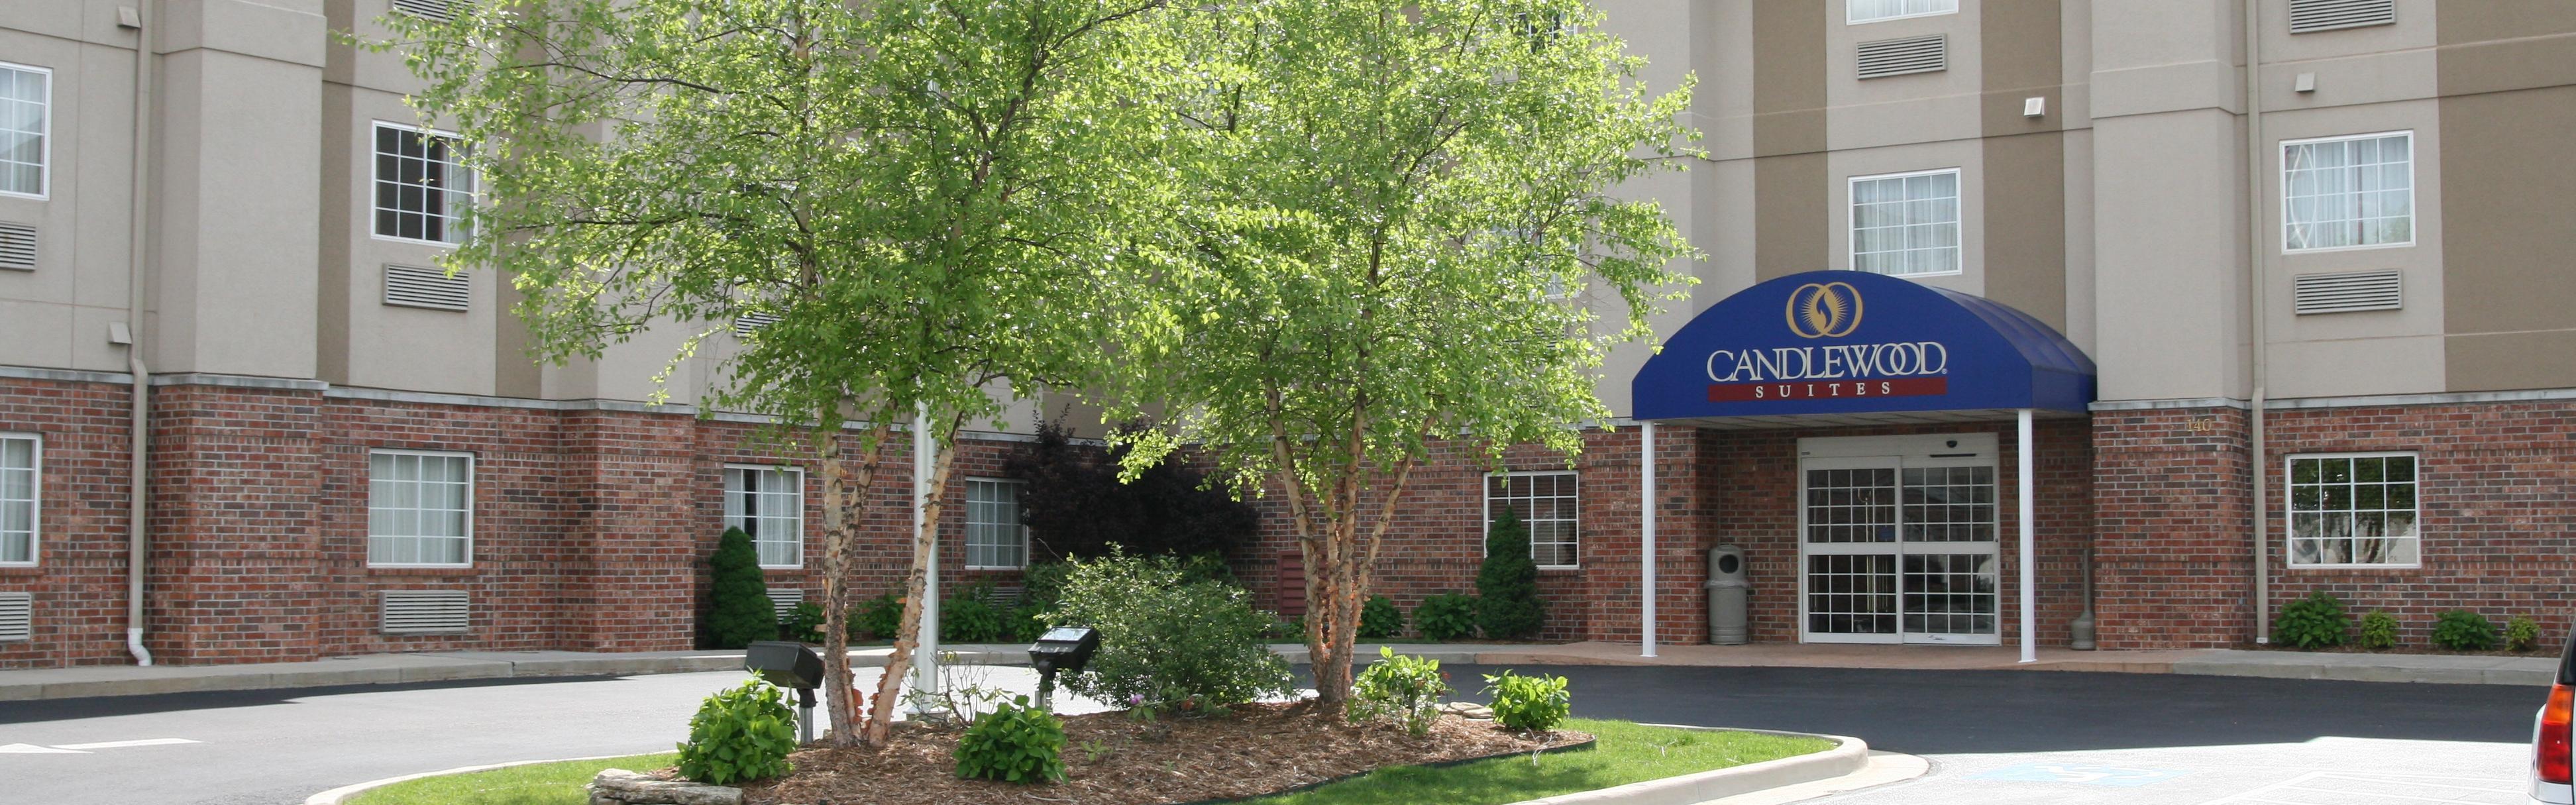 Candlewood Suites Des Moines image 0